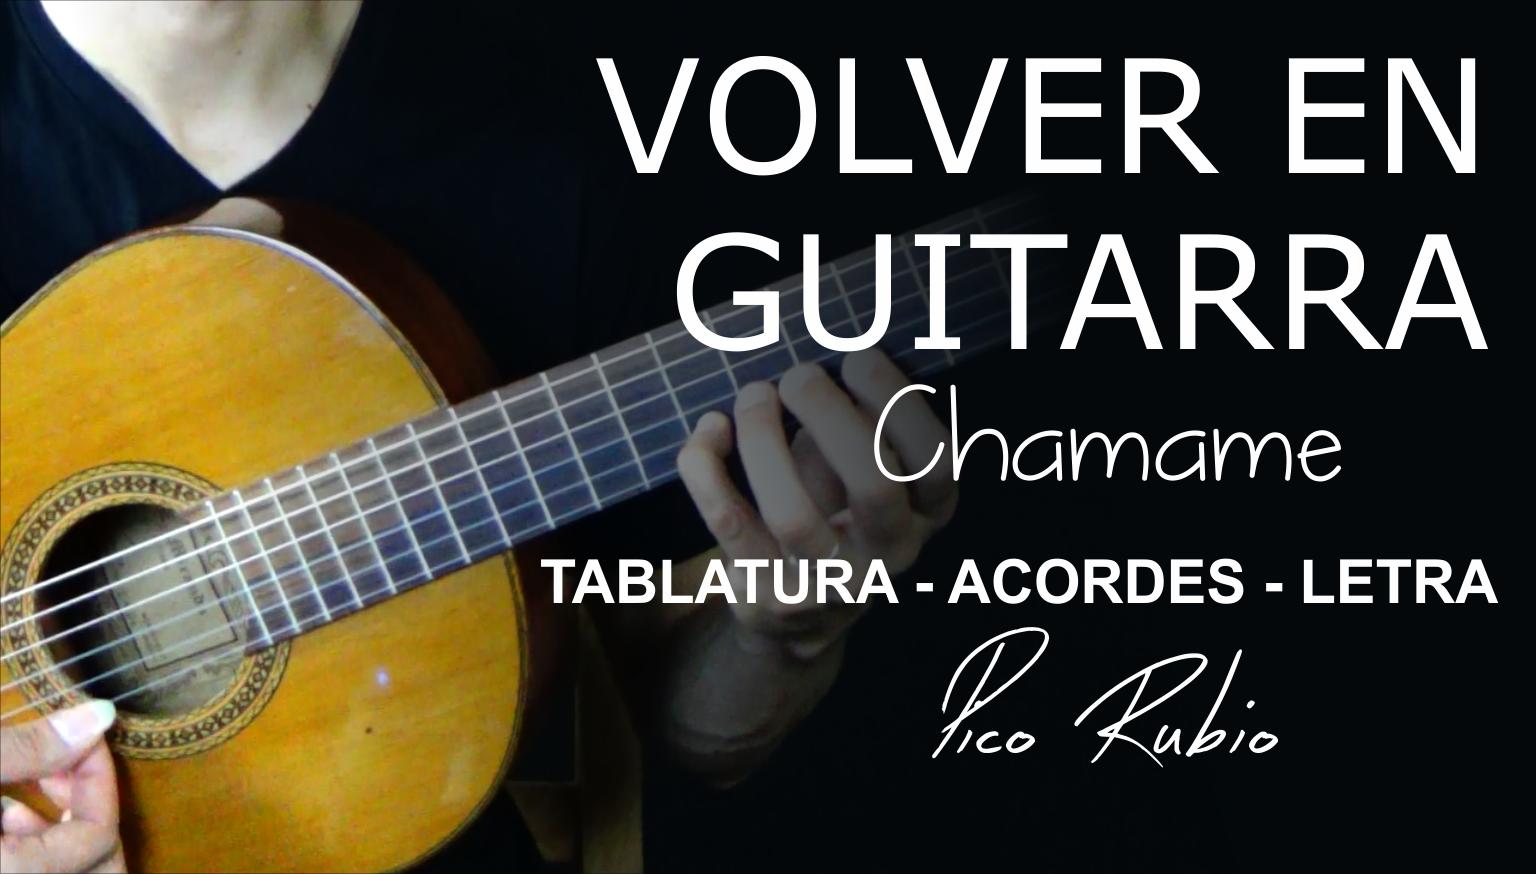 Volver en Guitarra